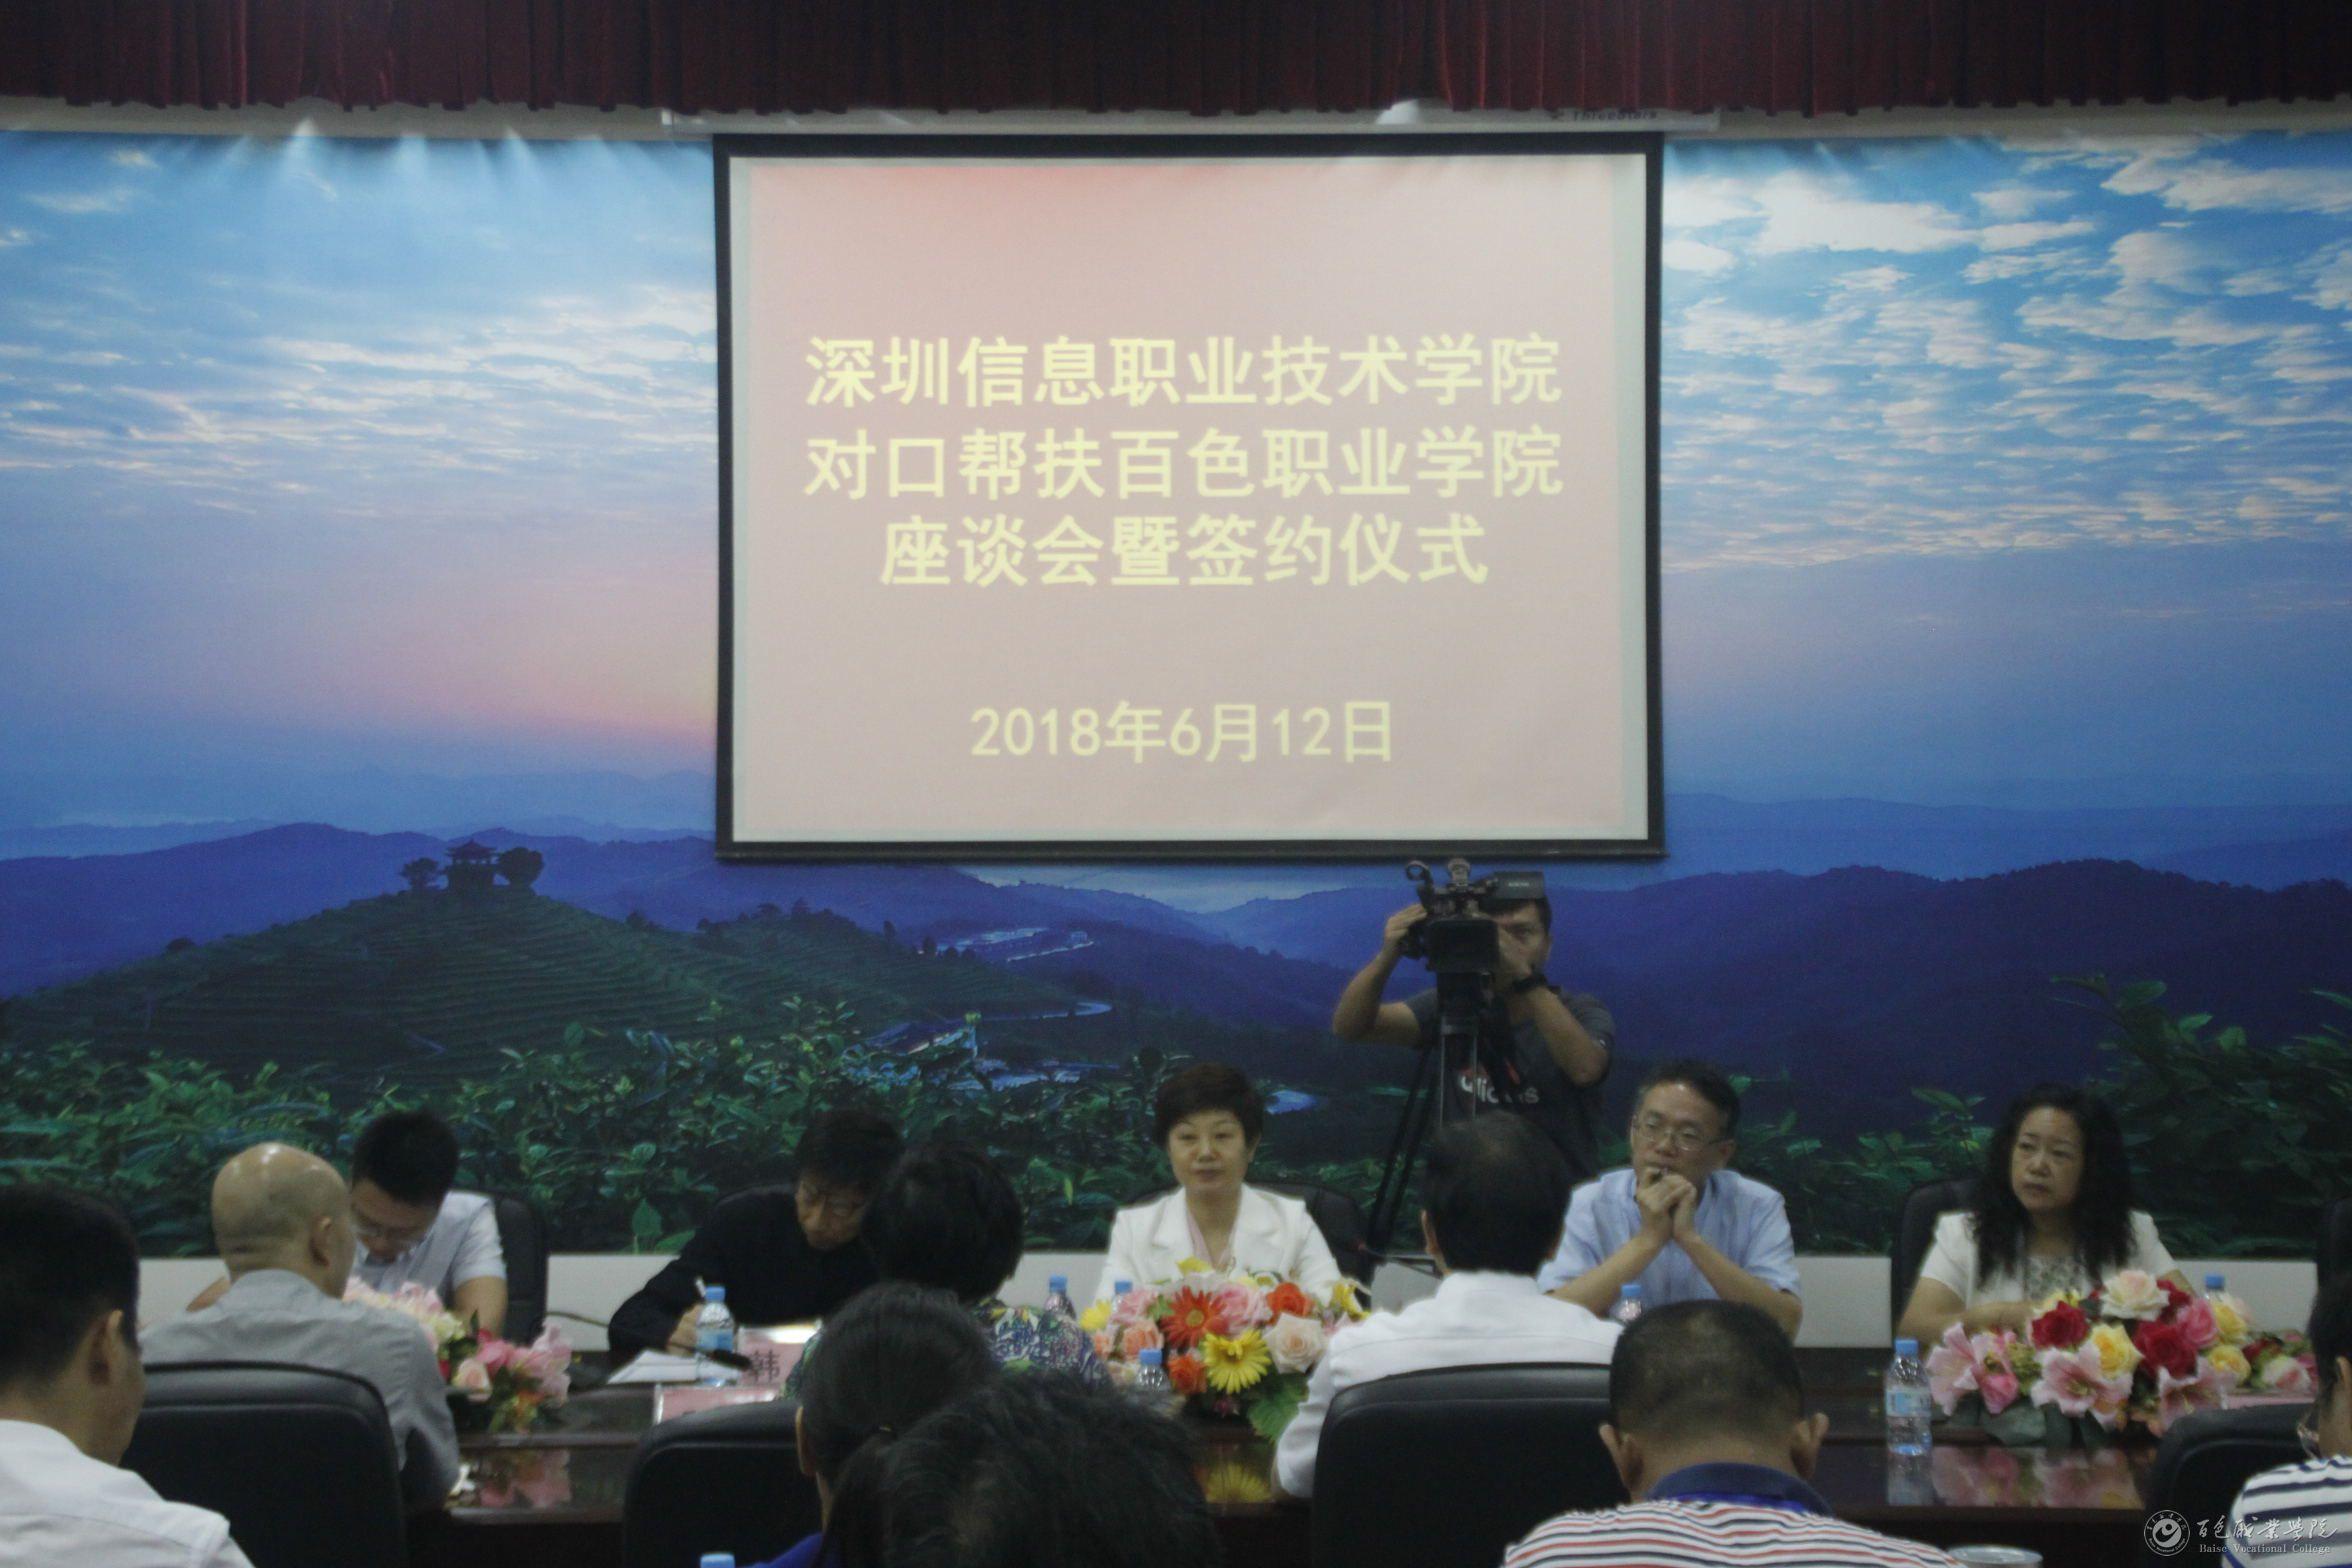 深圳信息职业技术学院与百色职业学院签订帮扶协议